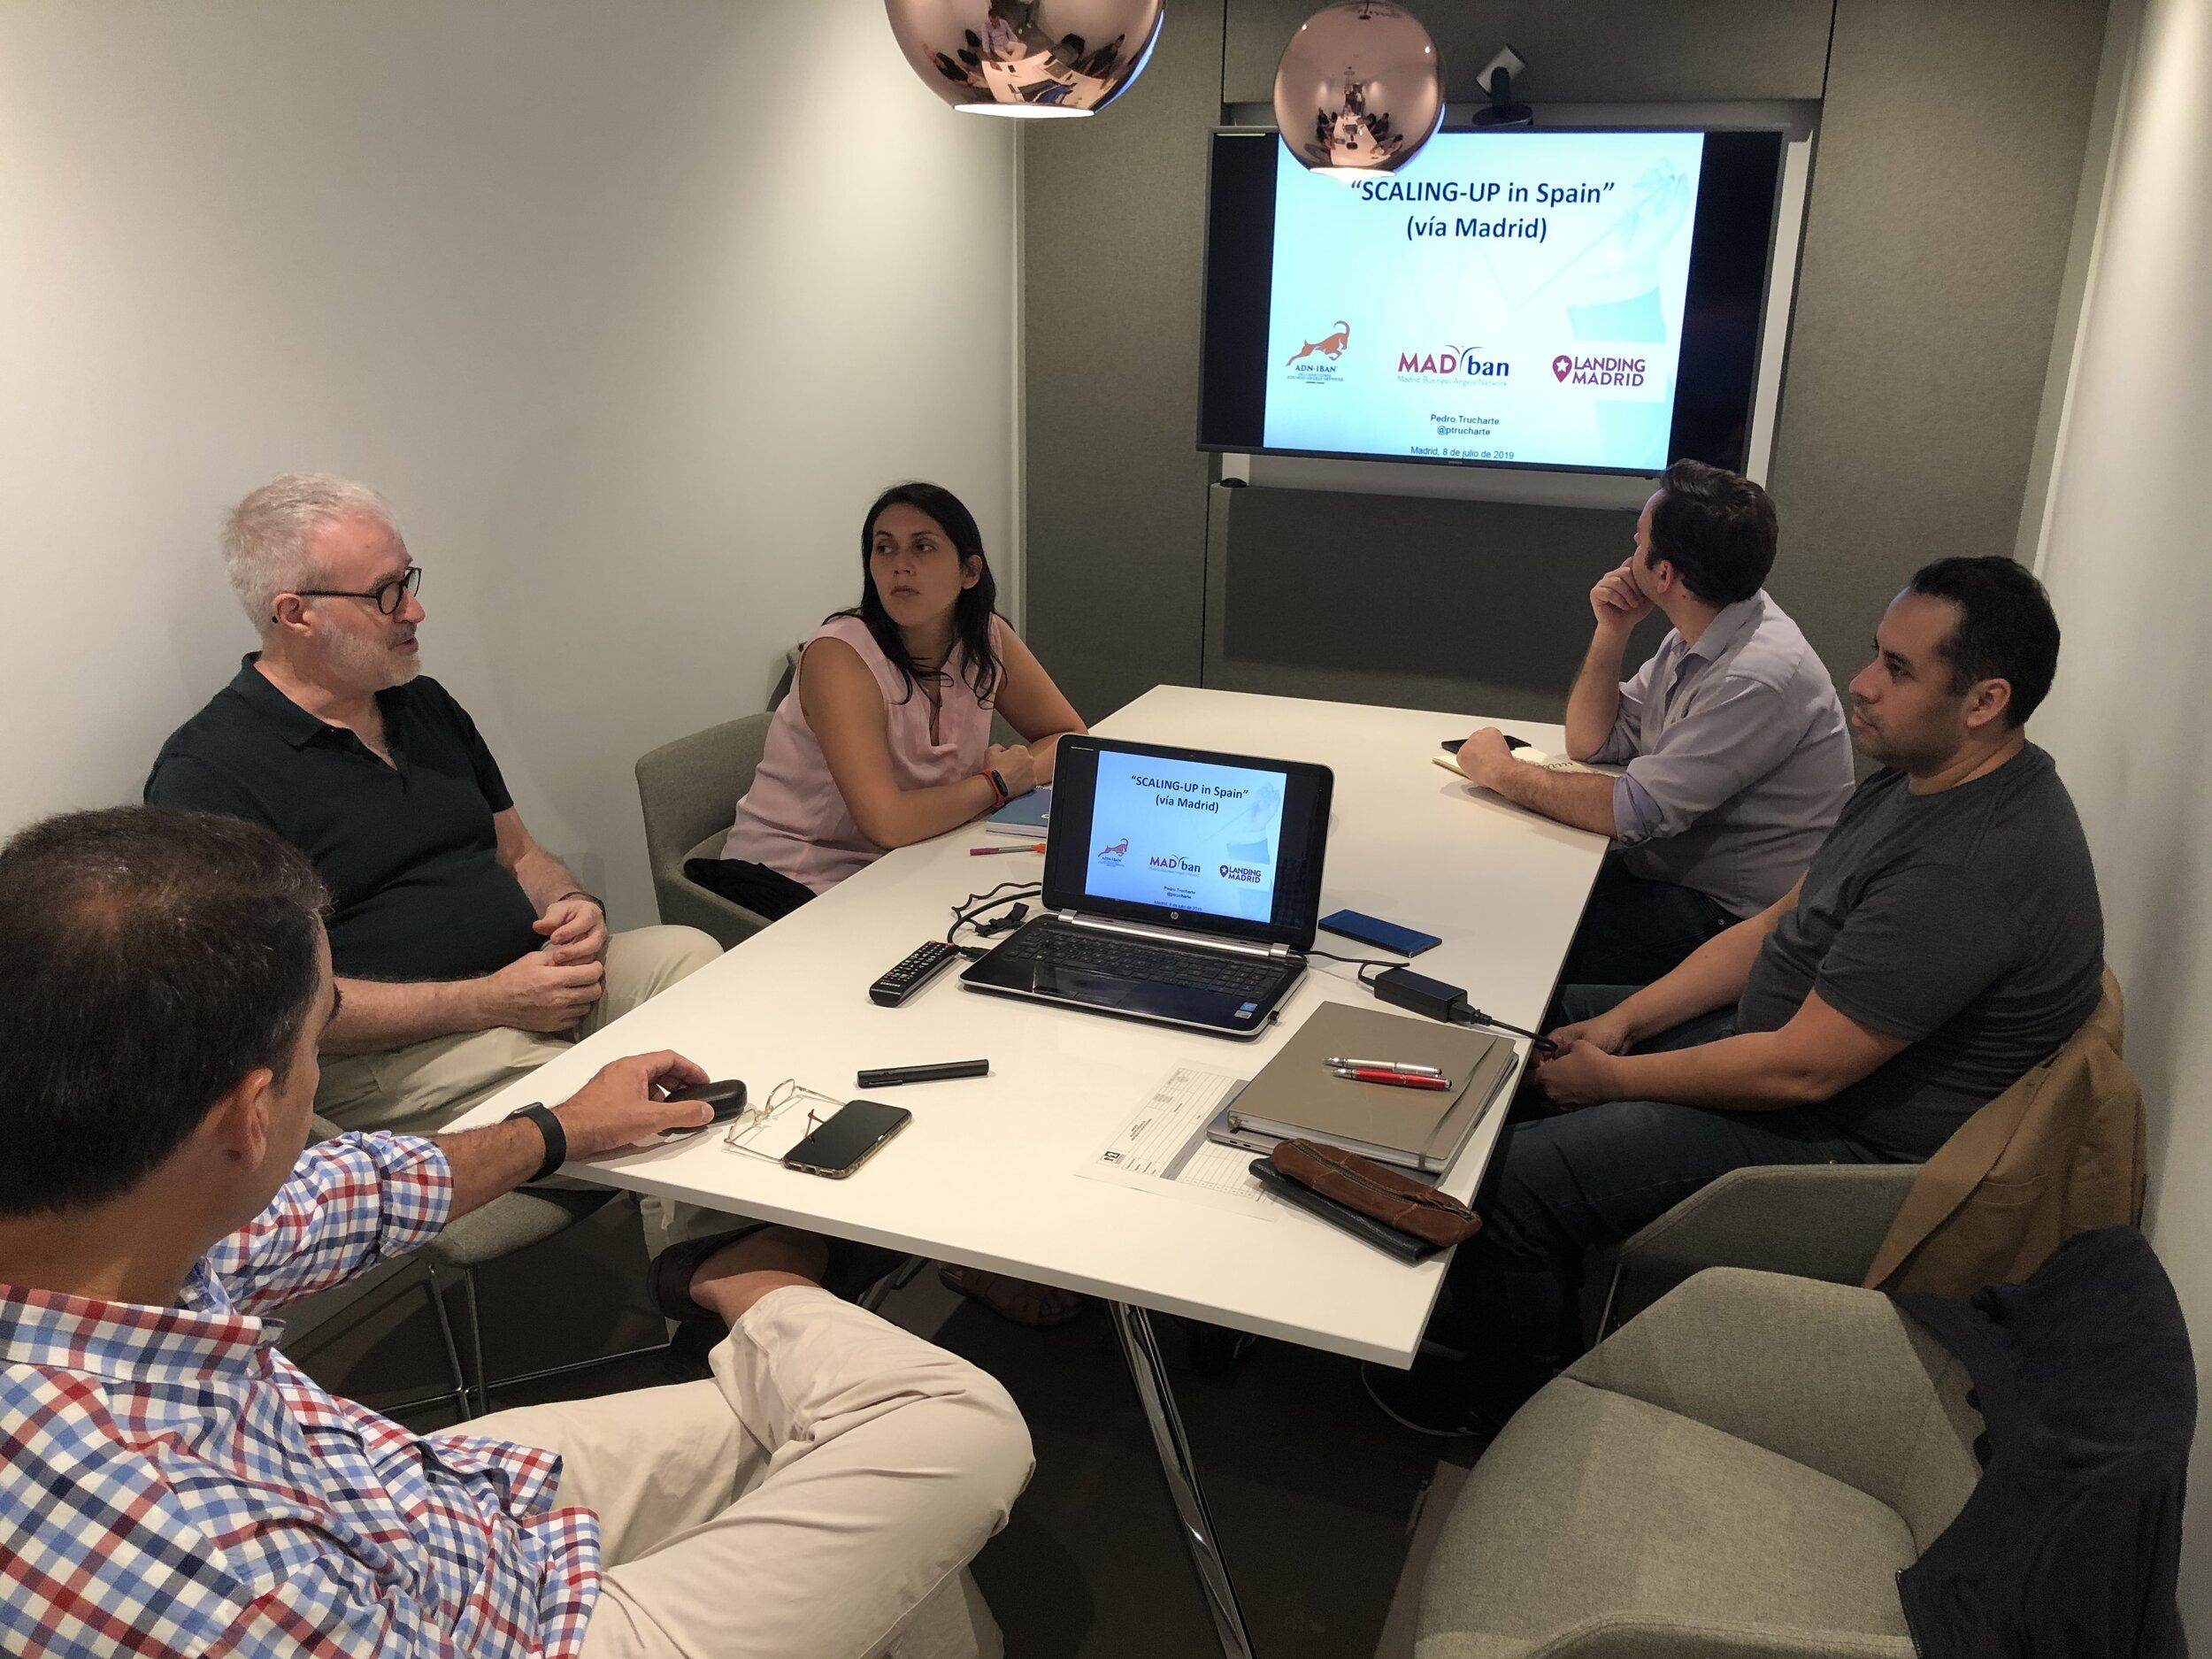 Los mentores Javier Criado y Pedro Trucharte, en una sesión de formación previa al inicio de una semana de agenda comercial con los participantes del viaje a Madrid Julio 2019.